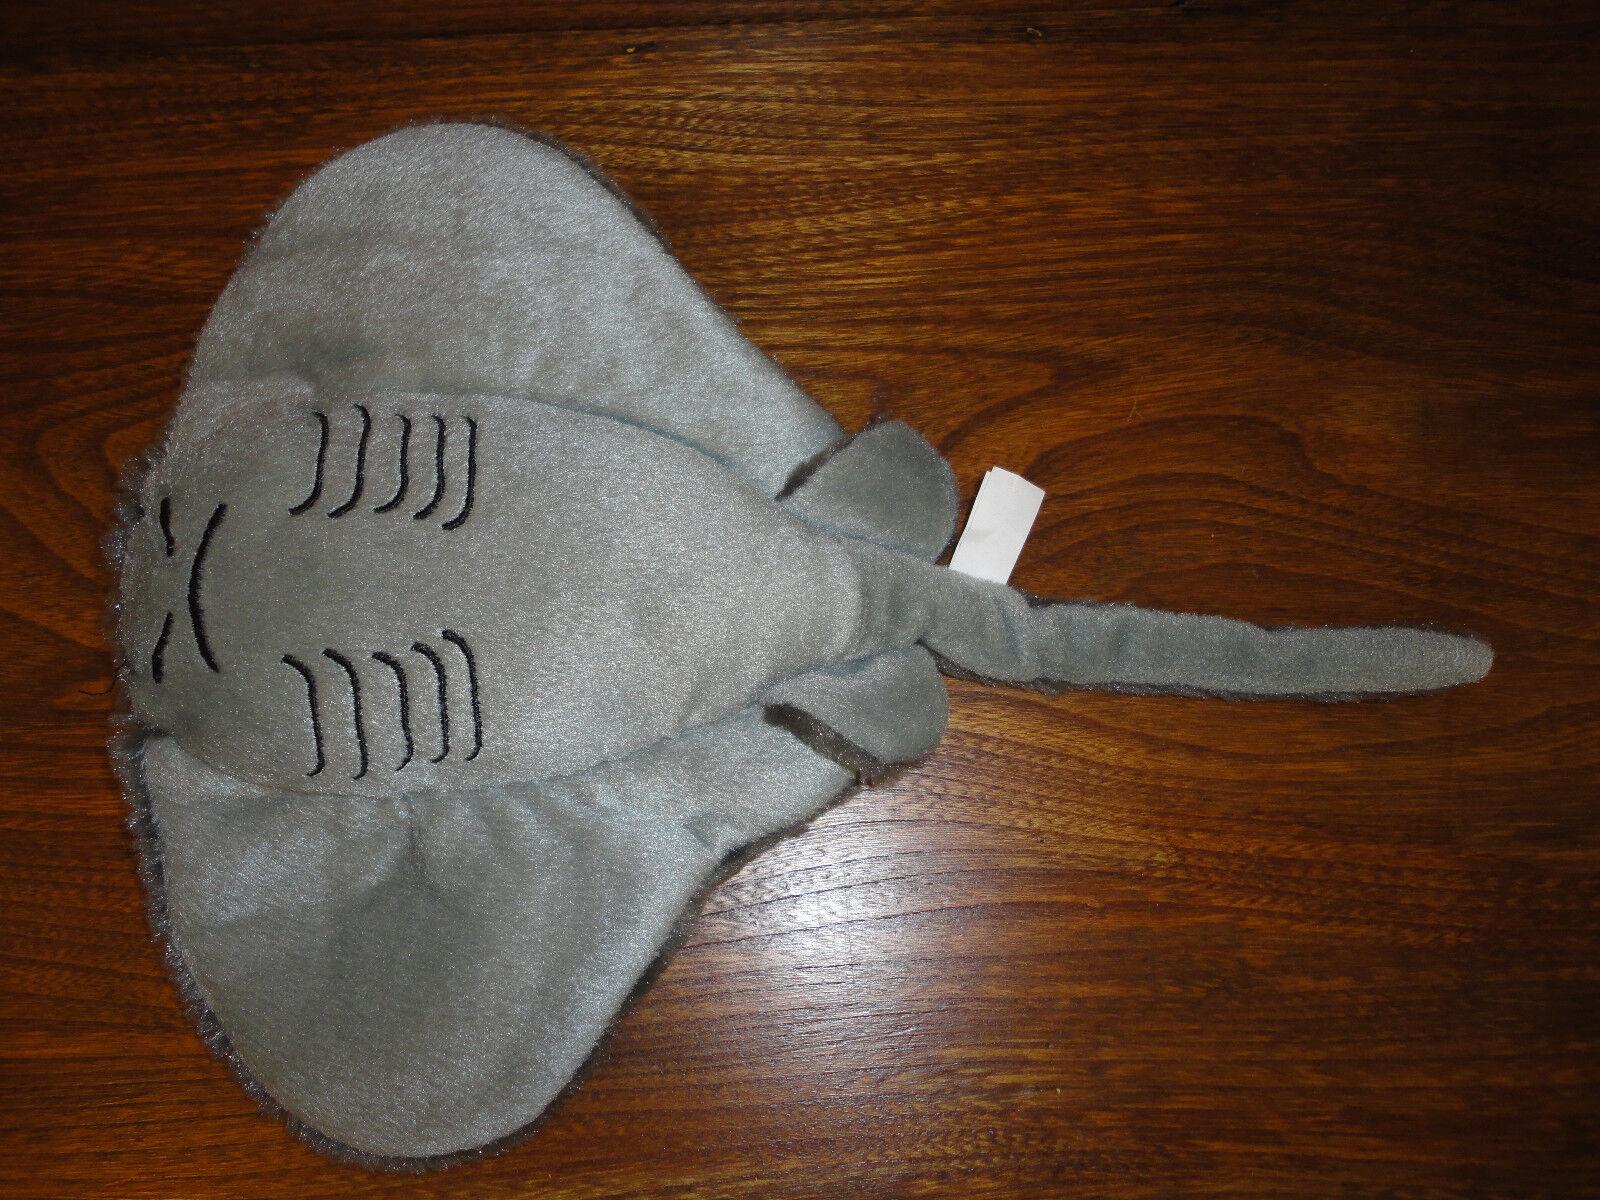 The Petting Zoo STINgrau Stuffed Soft grau grau grau Plush Toy 13 inch 002159 2013 3fedaa